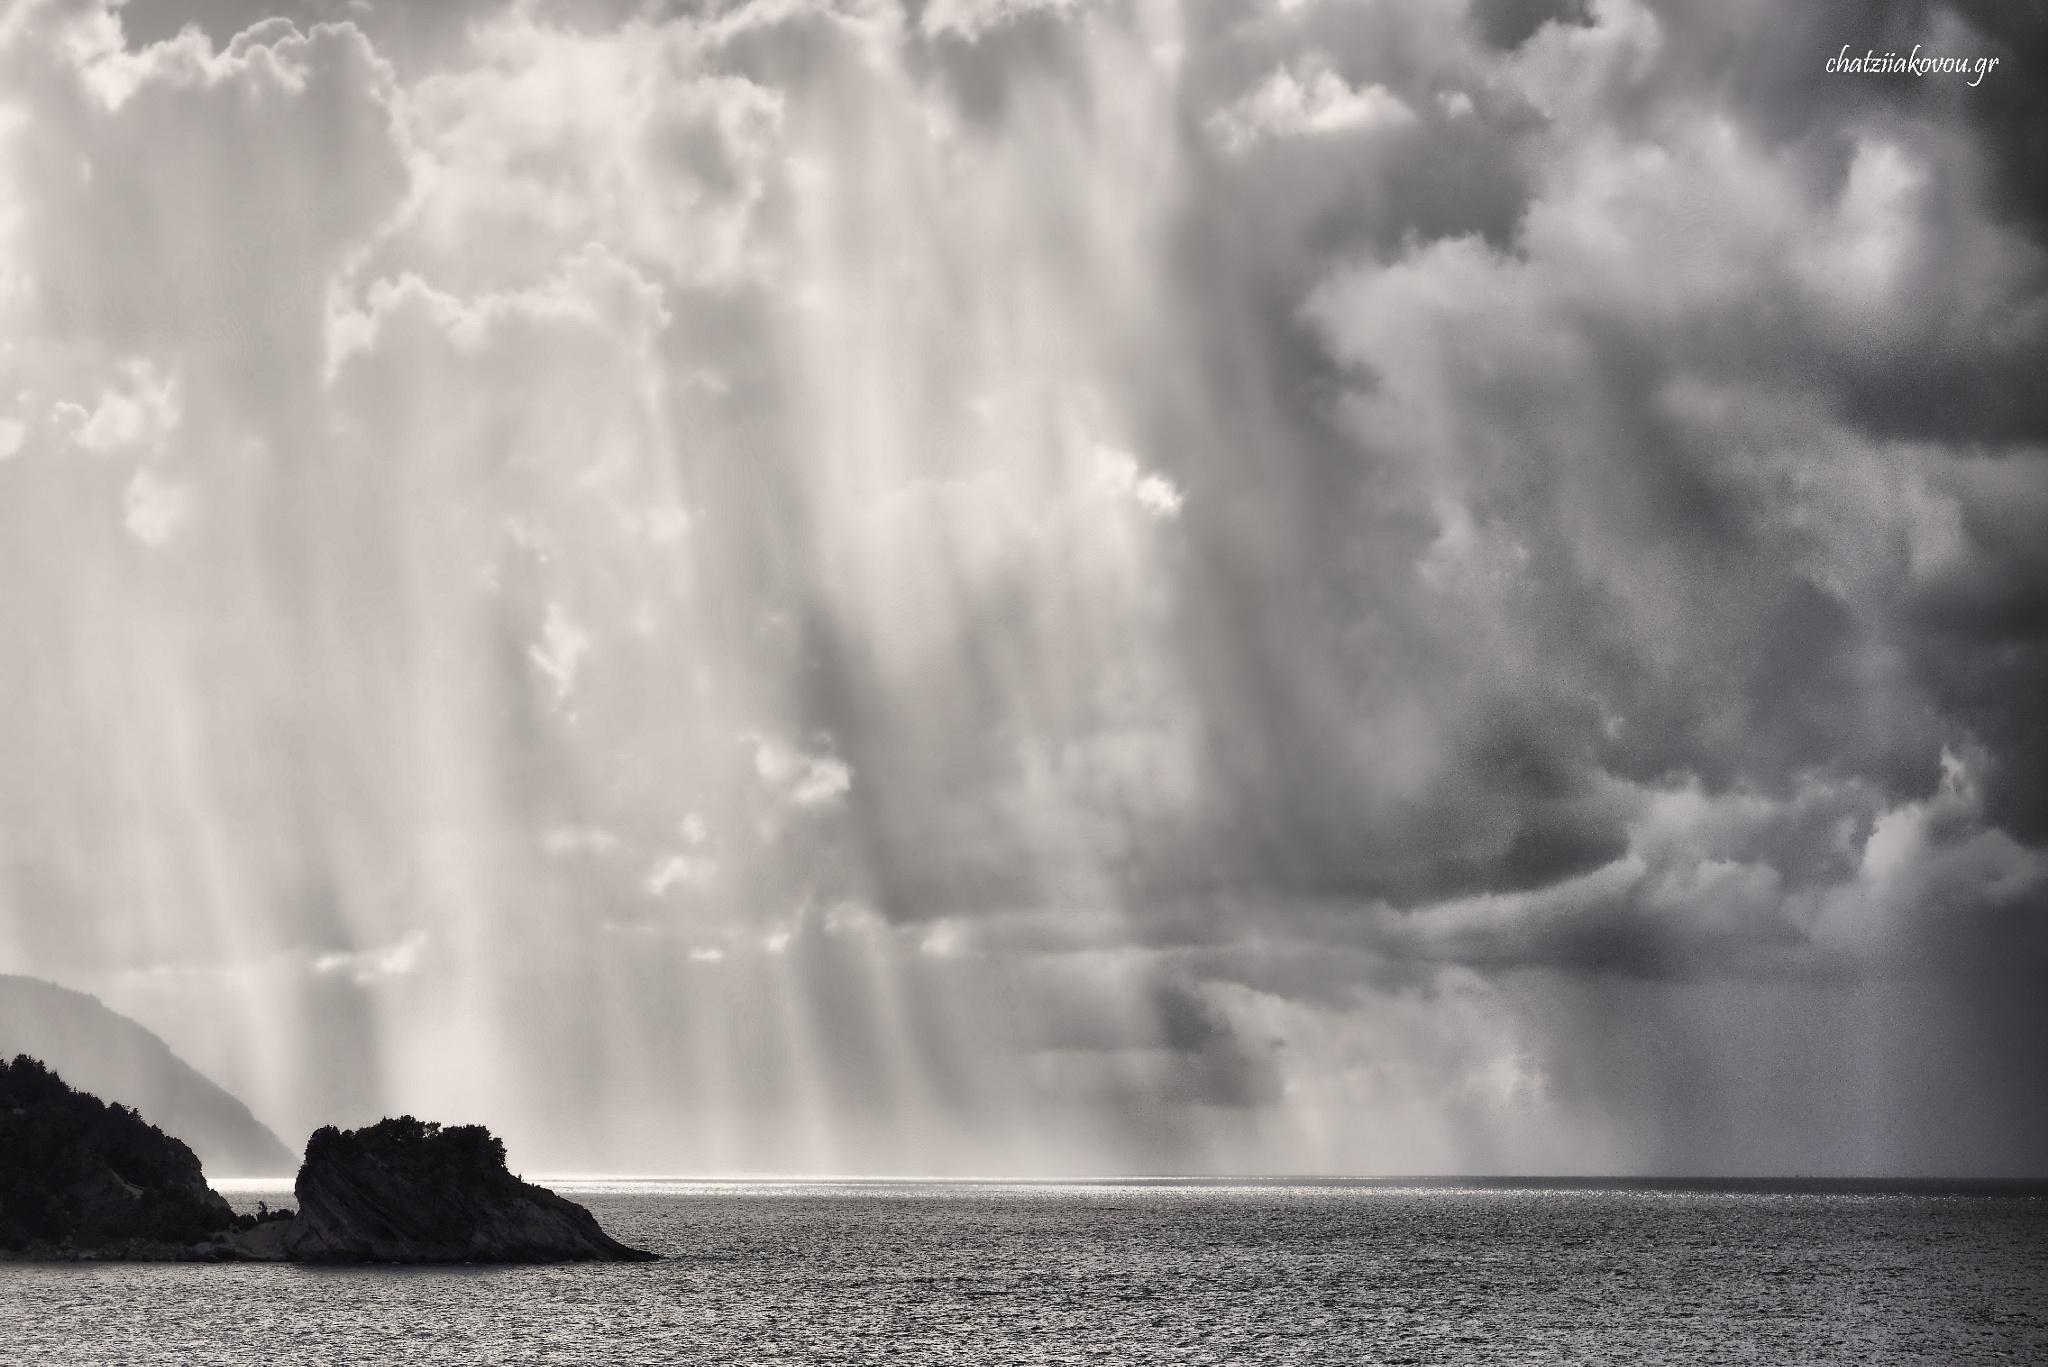 rain by Nikos Chatziiakovou